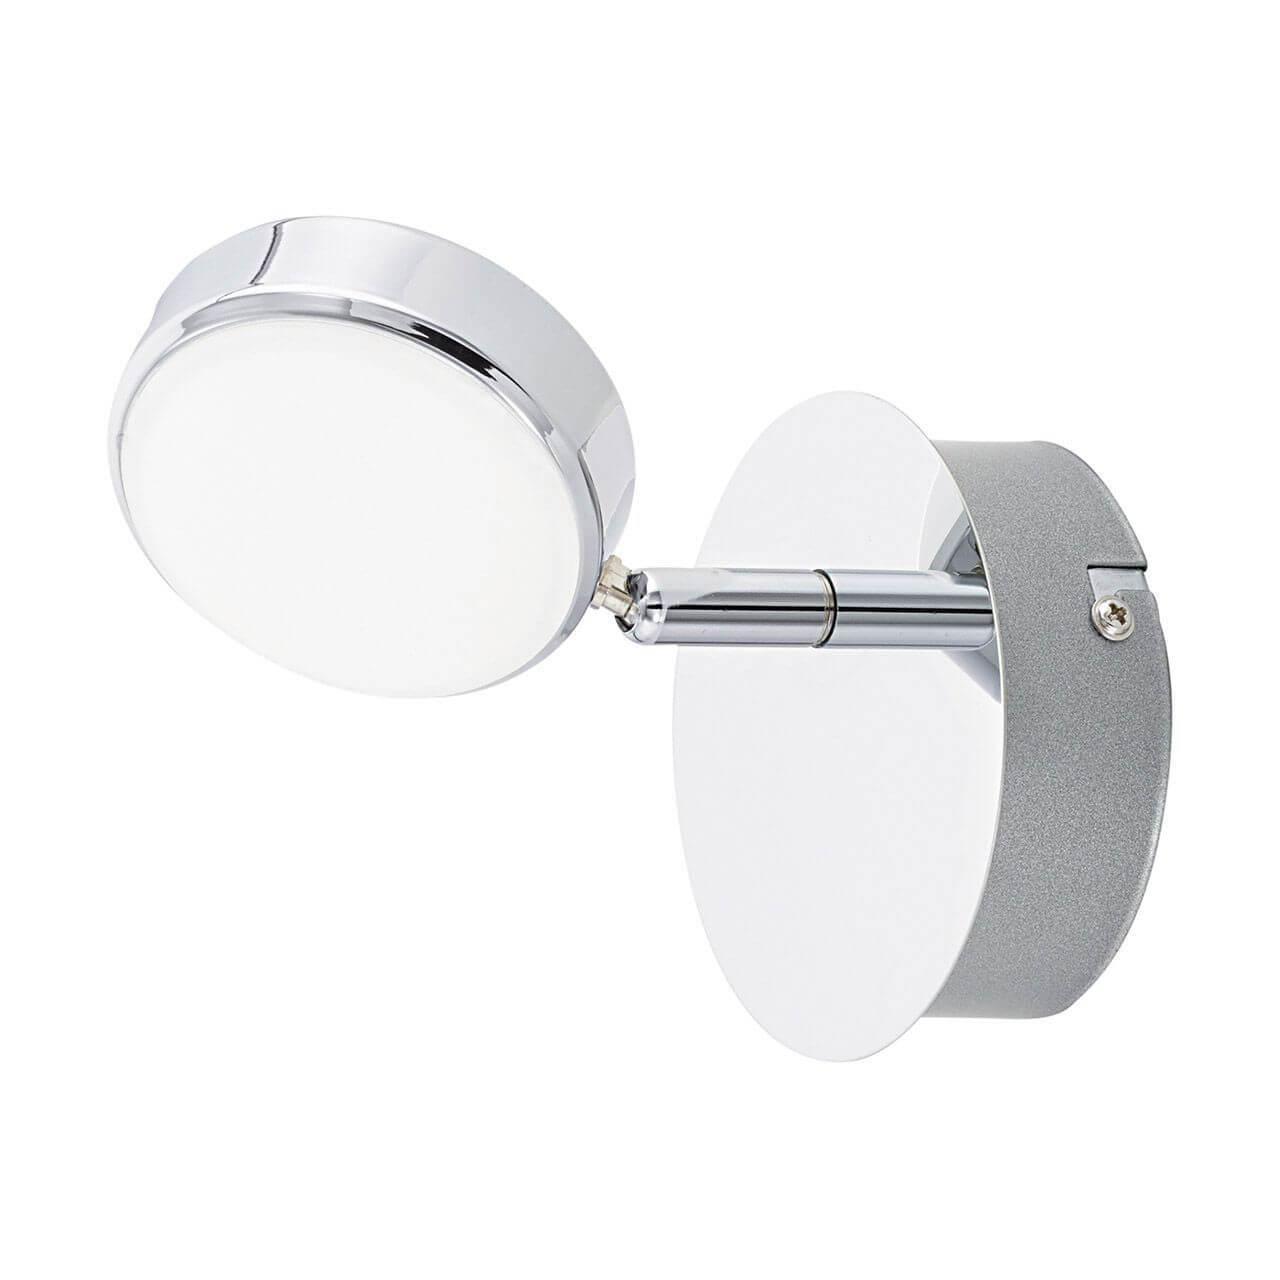 Спот Eglo 95628, LED, 5.4 Вт цены